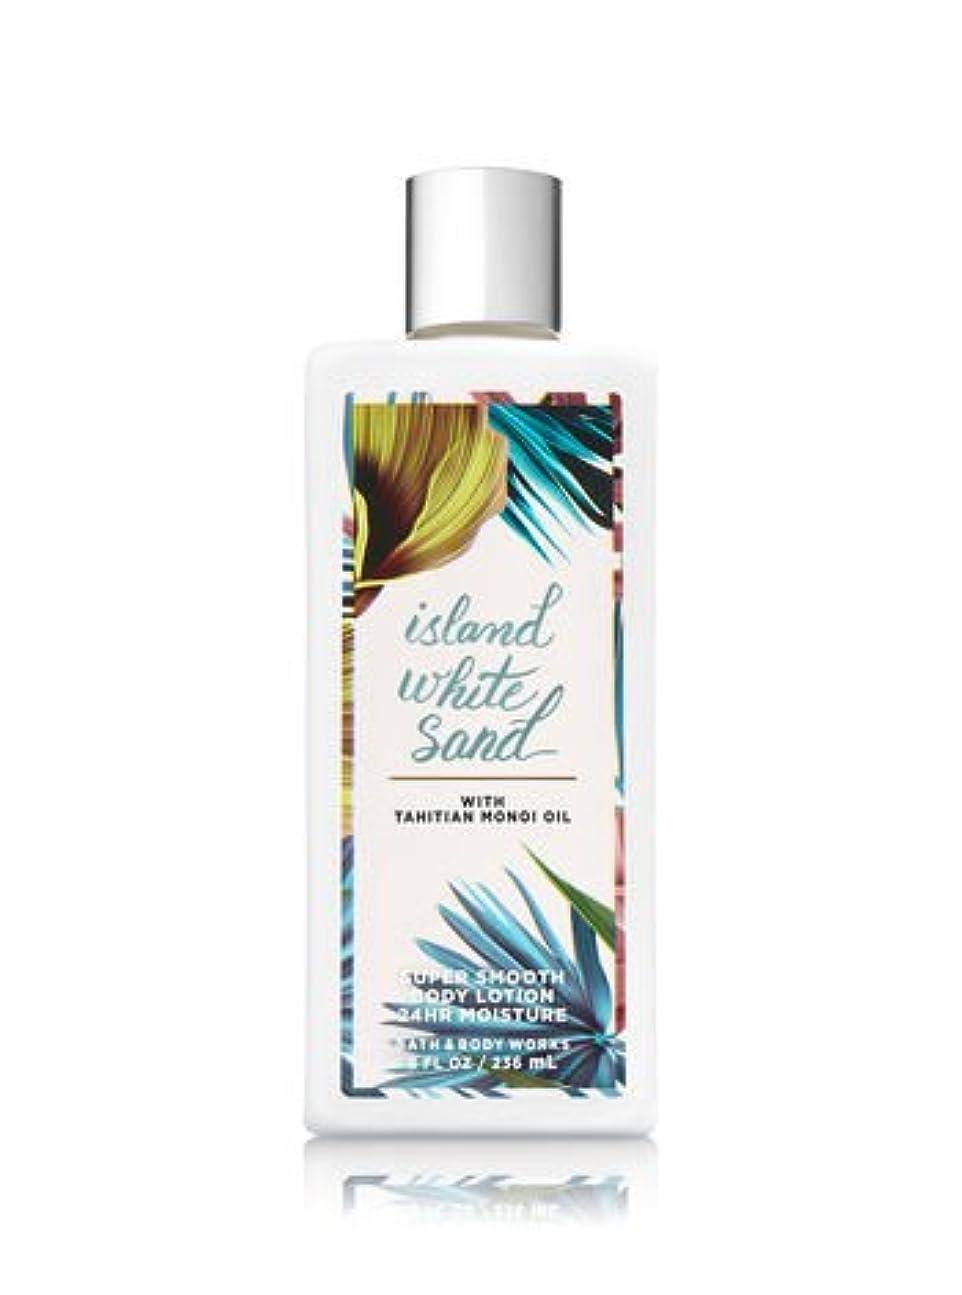 【Bath&Body Works/バス&ボディワークス】 ボディローション アイランドホワイトサンド Super Smooth Body Lotion Island White Sand 8 fl oz / 236 mL...